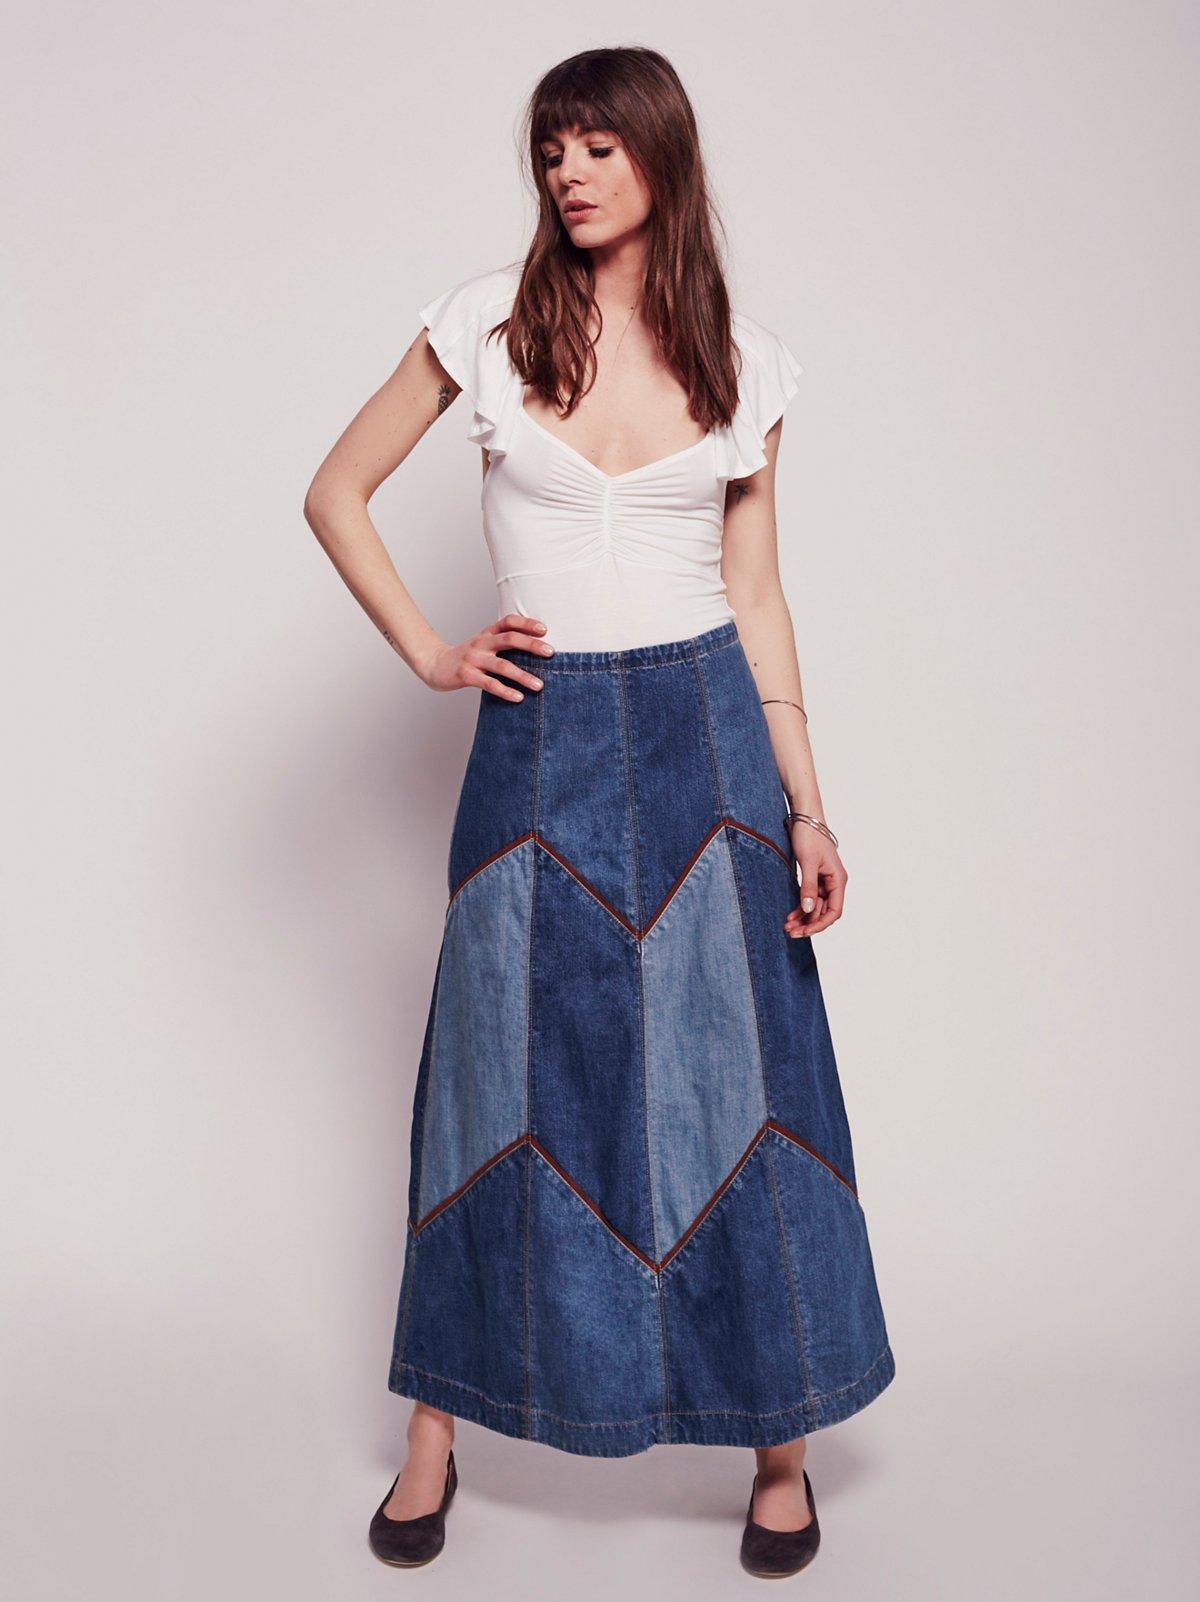 Bliss Made Denim Skirt